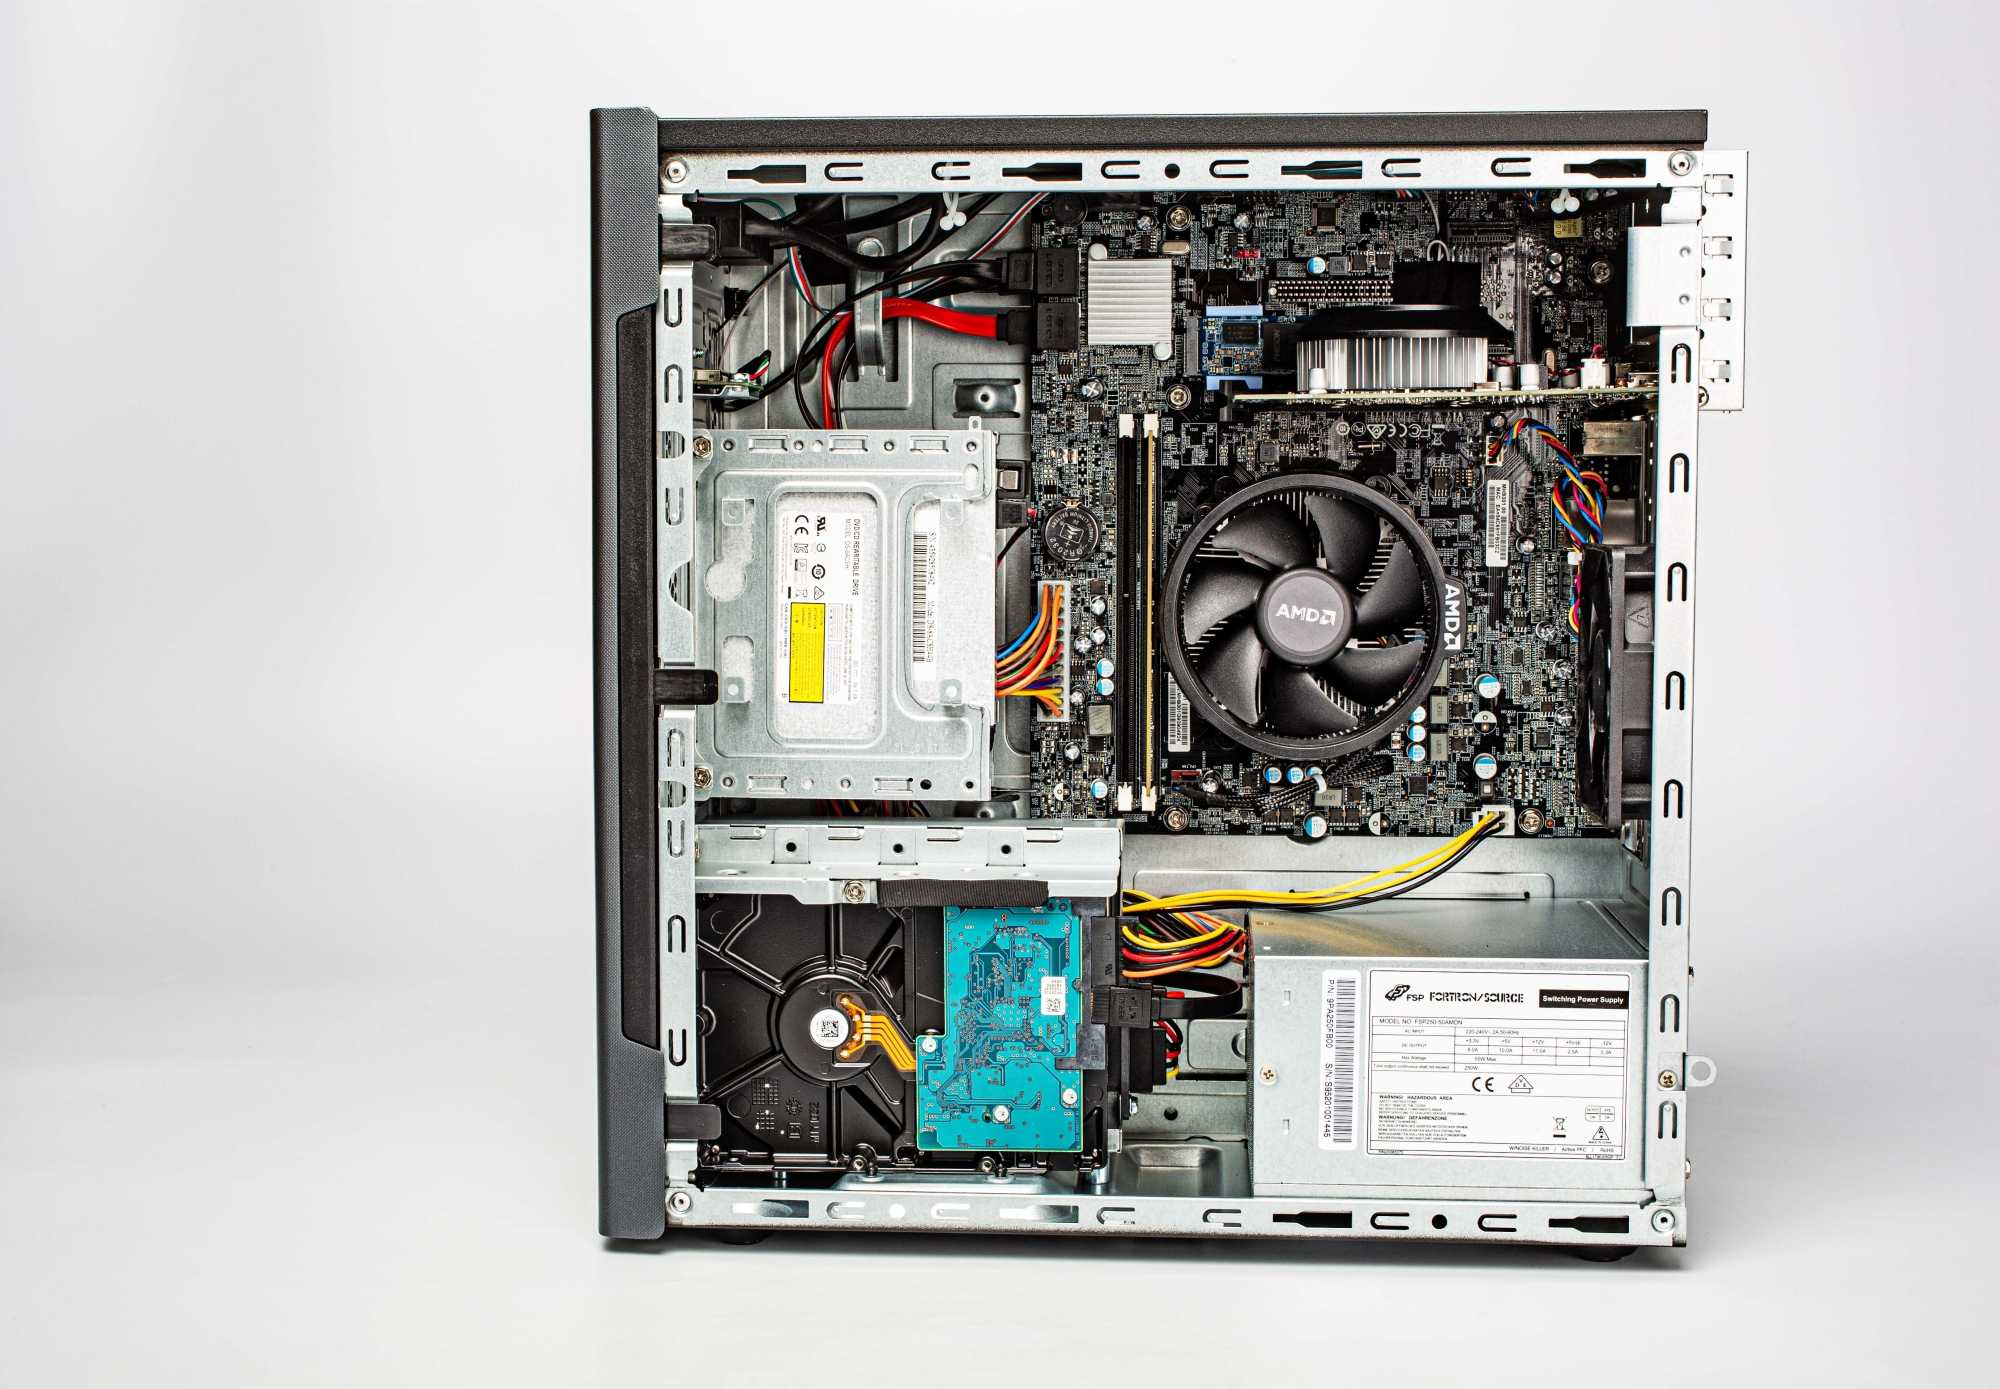 Der innere Aufbau des Medion Akoya P56005.